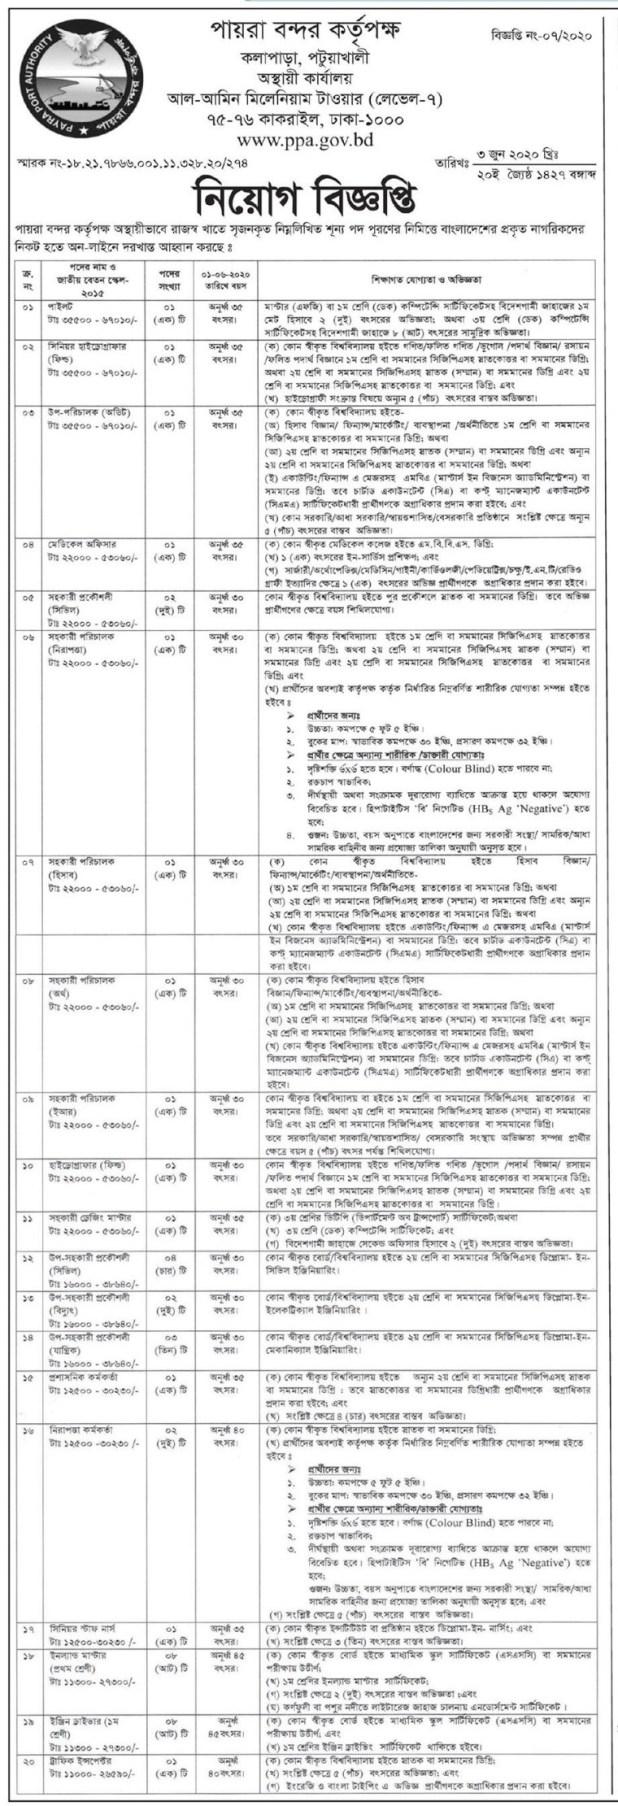 Payra Port Authority Job Circular 2020